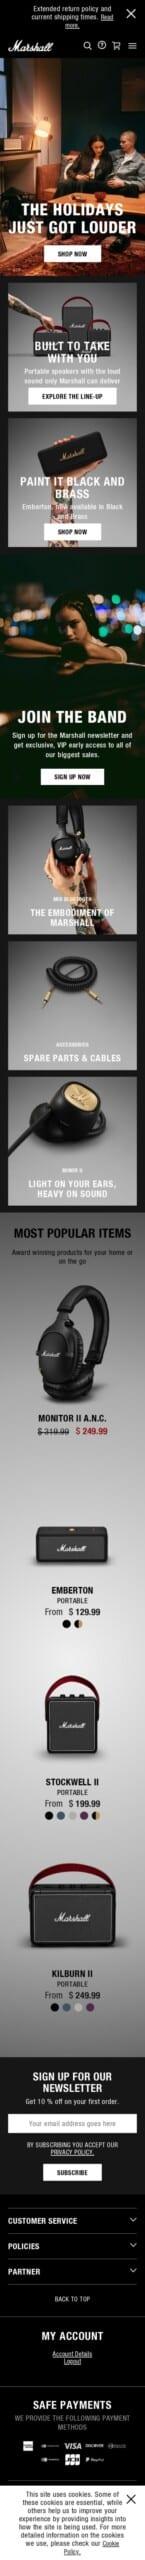 marshall headphones Coupon